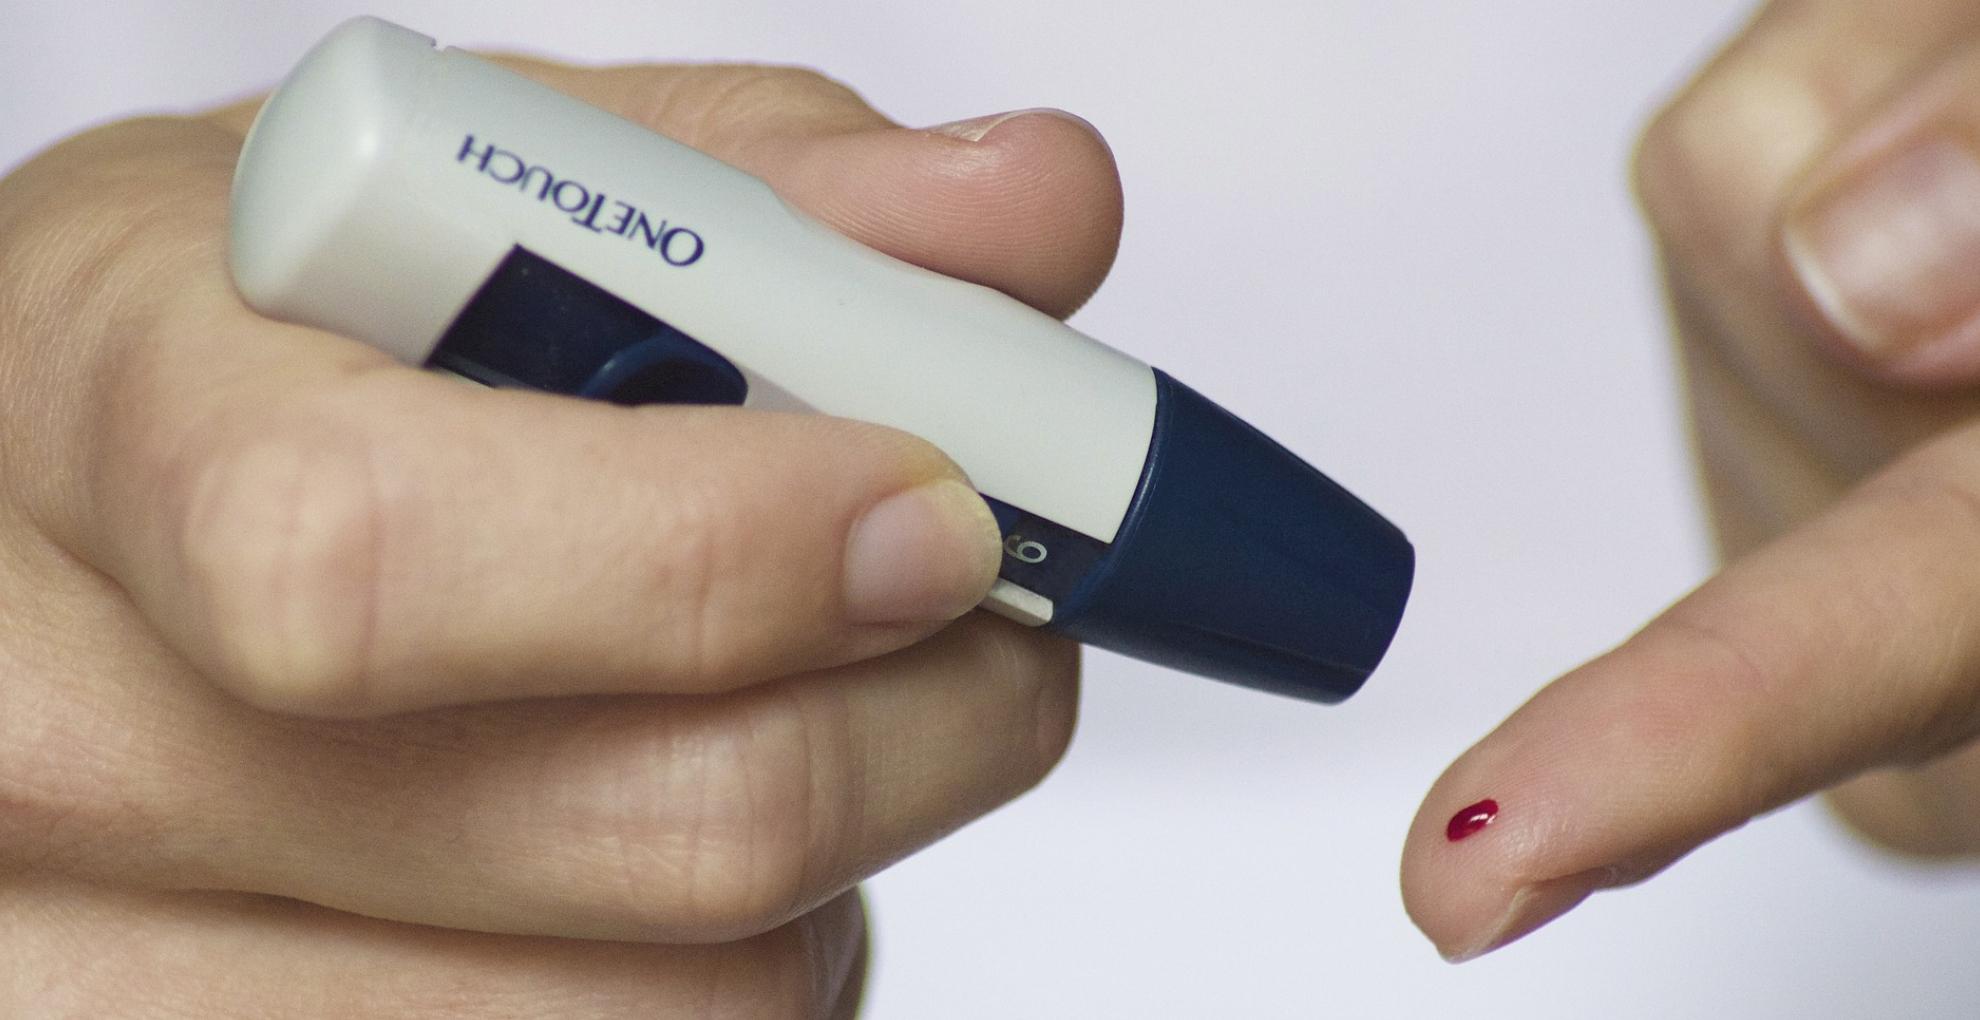 Health Tips: डायबिटीज की परेशानी सिर्फ मीठा खाने से नहीं, इन 5 वजह से भी हो सकती है